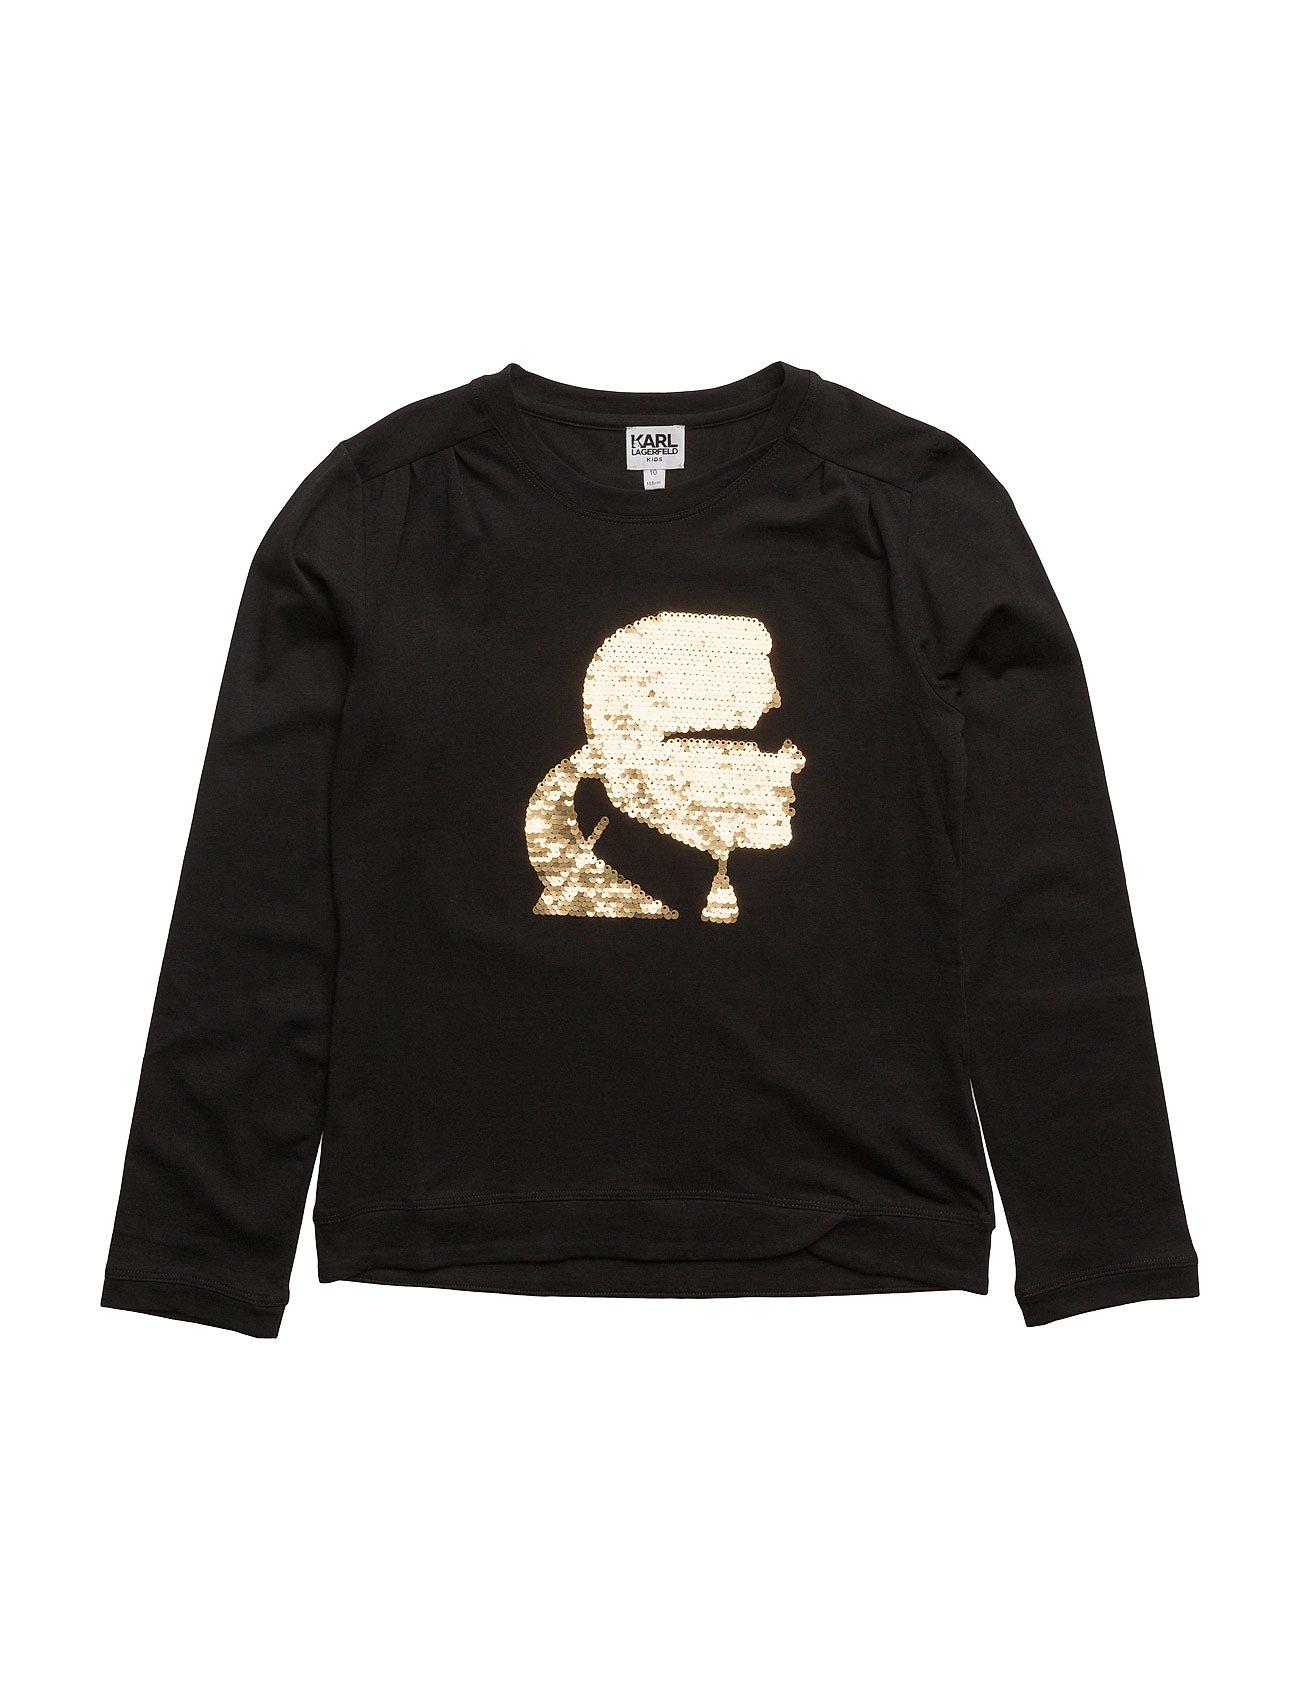 T-Shirt Karl Lagerfeld Langærmede t-shirts til Børn i Sort